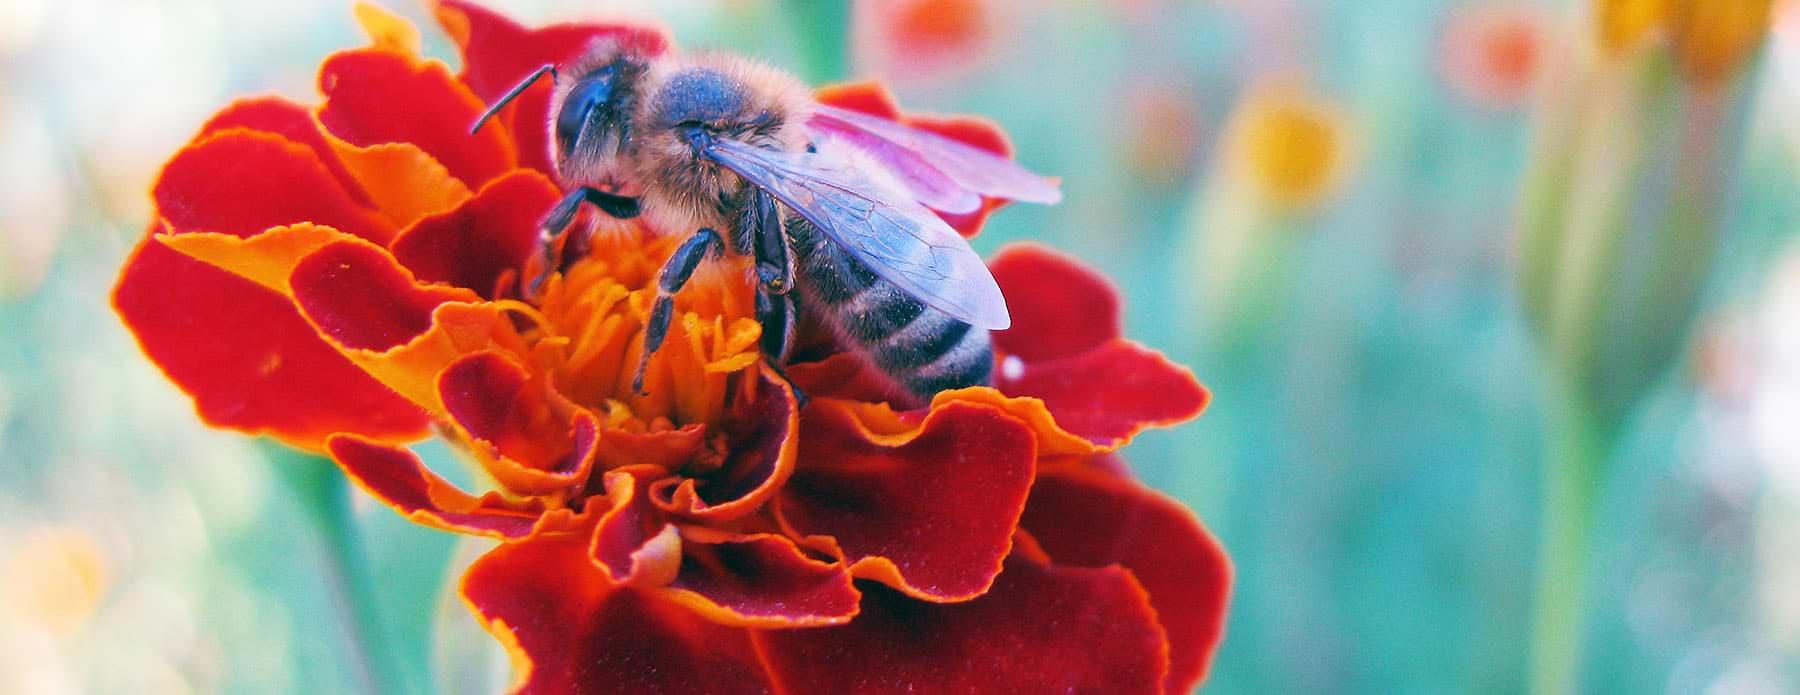 Пчела, собирающая нектар набархатце. Фото: Anaxibia / ru.wikipedia.org